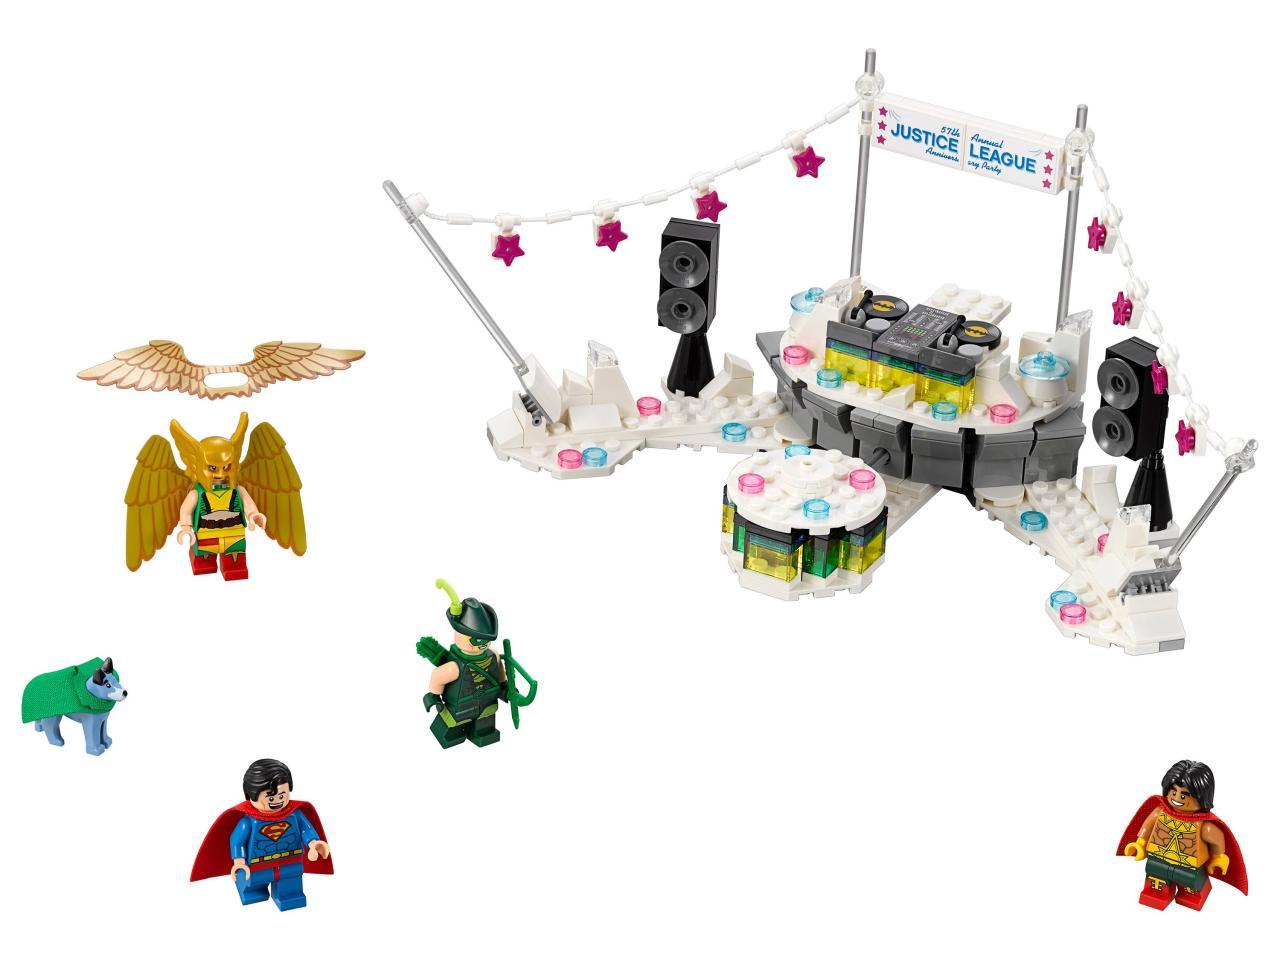 Купить Конструктор LEGO 70919 Batman Movie Вечеринка Лиги Справедливости, пластик, Для мальчиков и девочек, Китай, Конструкторы